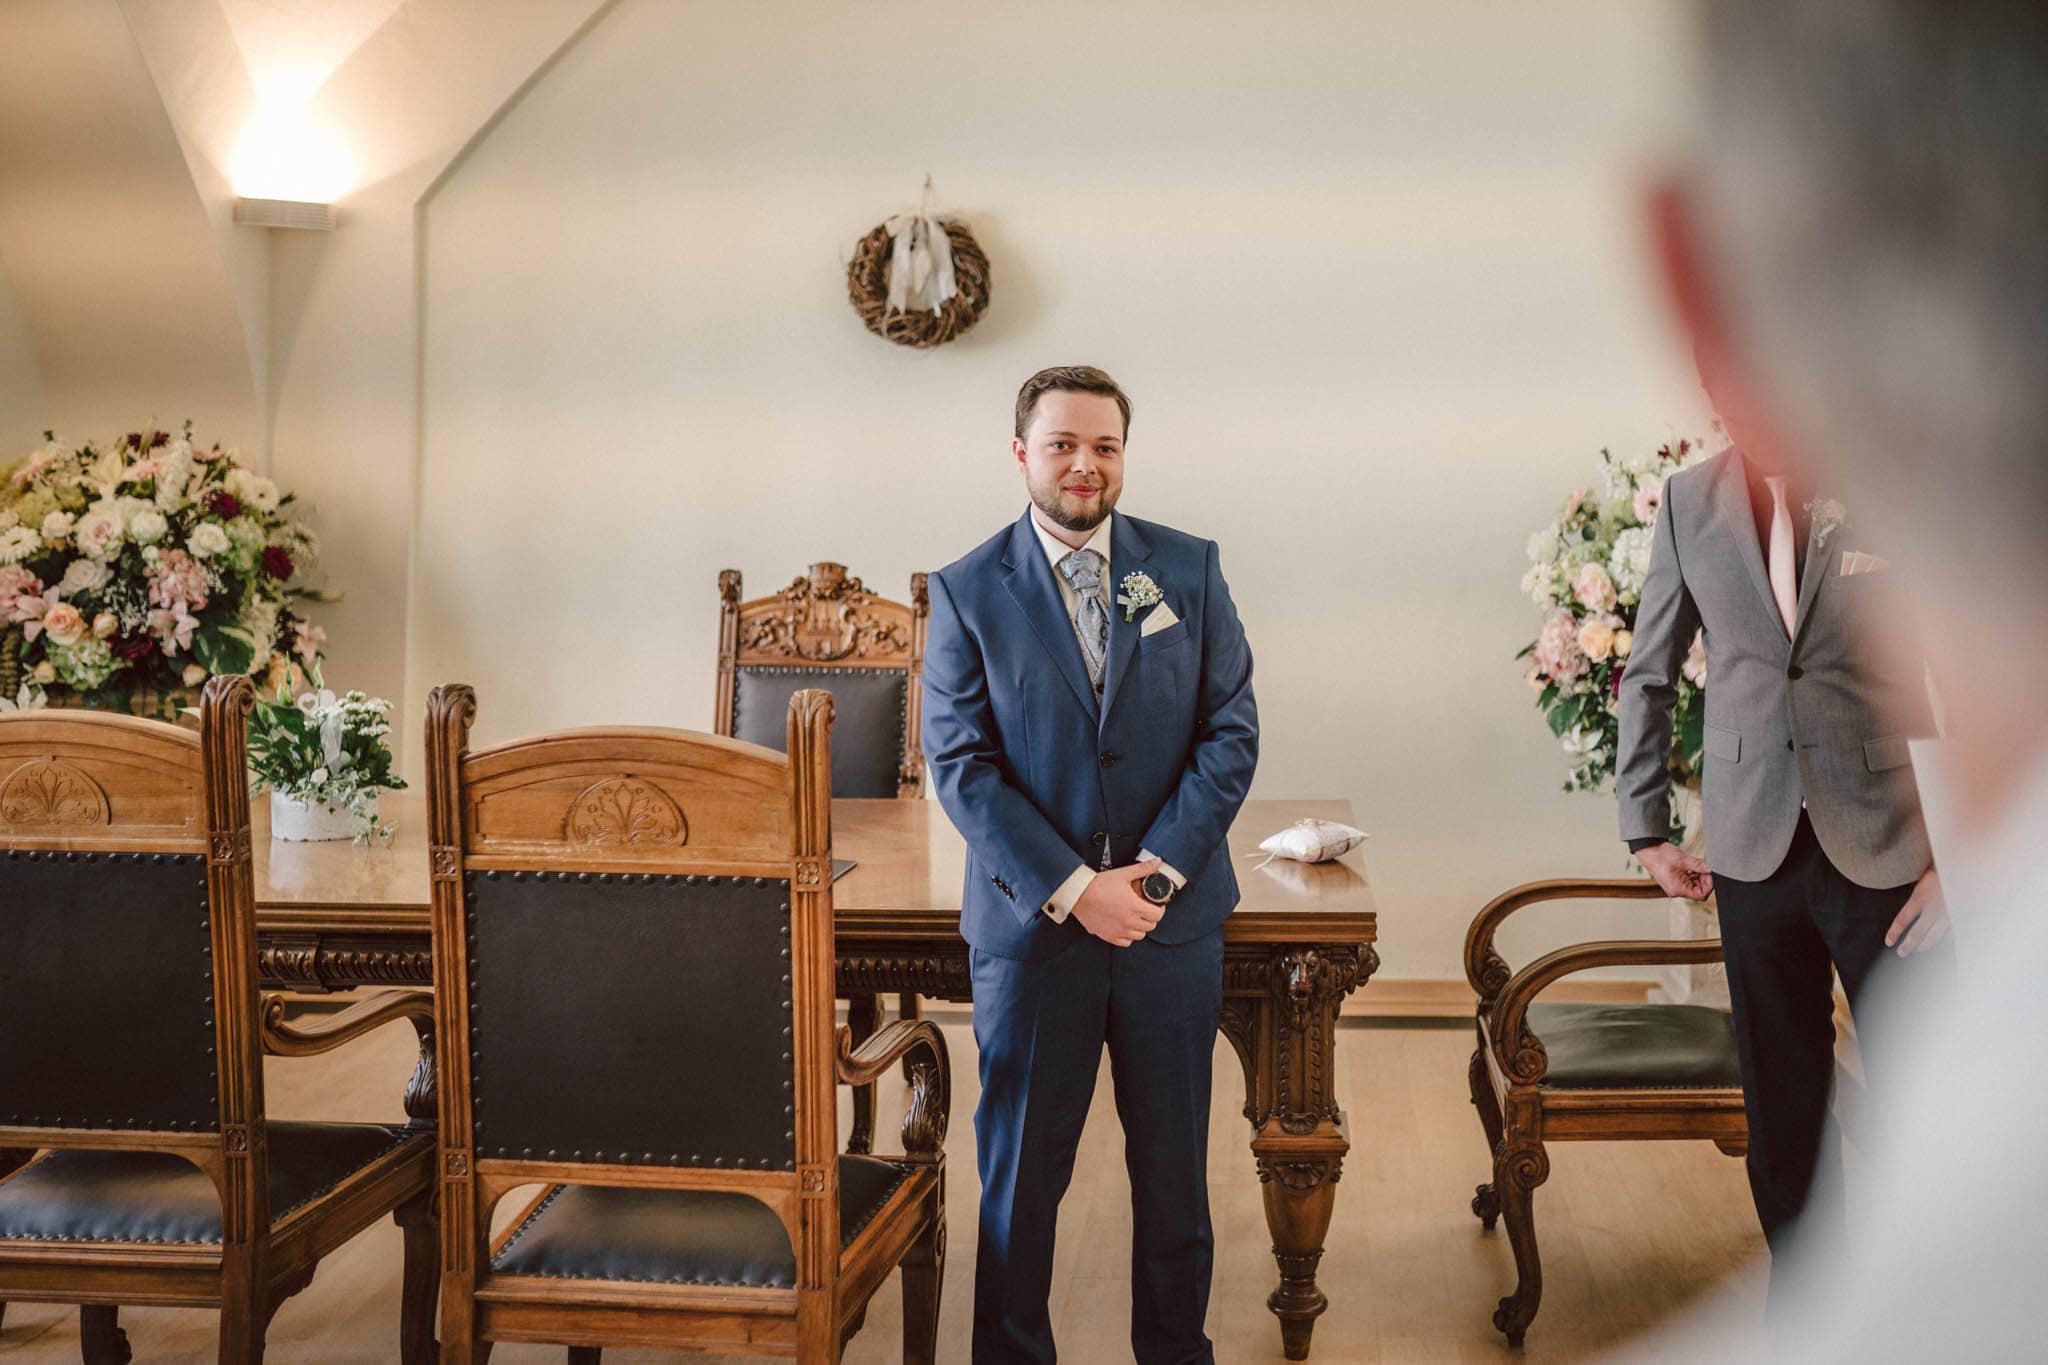 Hochzeitsfieber by Photo-Schomburg, Hochzeitsfotograf, Hamburg, Altona, wedding, Standesamt Altona, Appen, Hochzeitsshooting, Hochzeitstag, Brautpaar-39